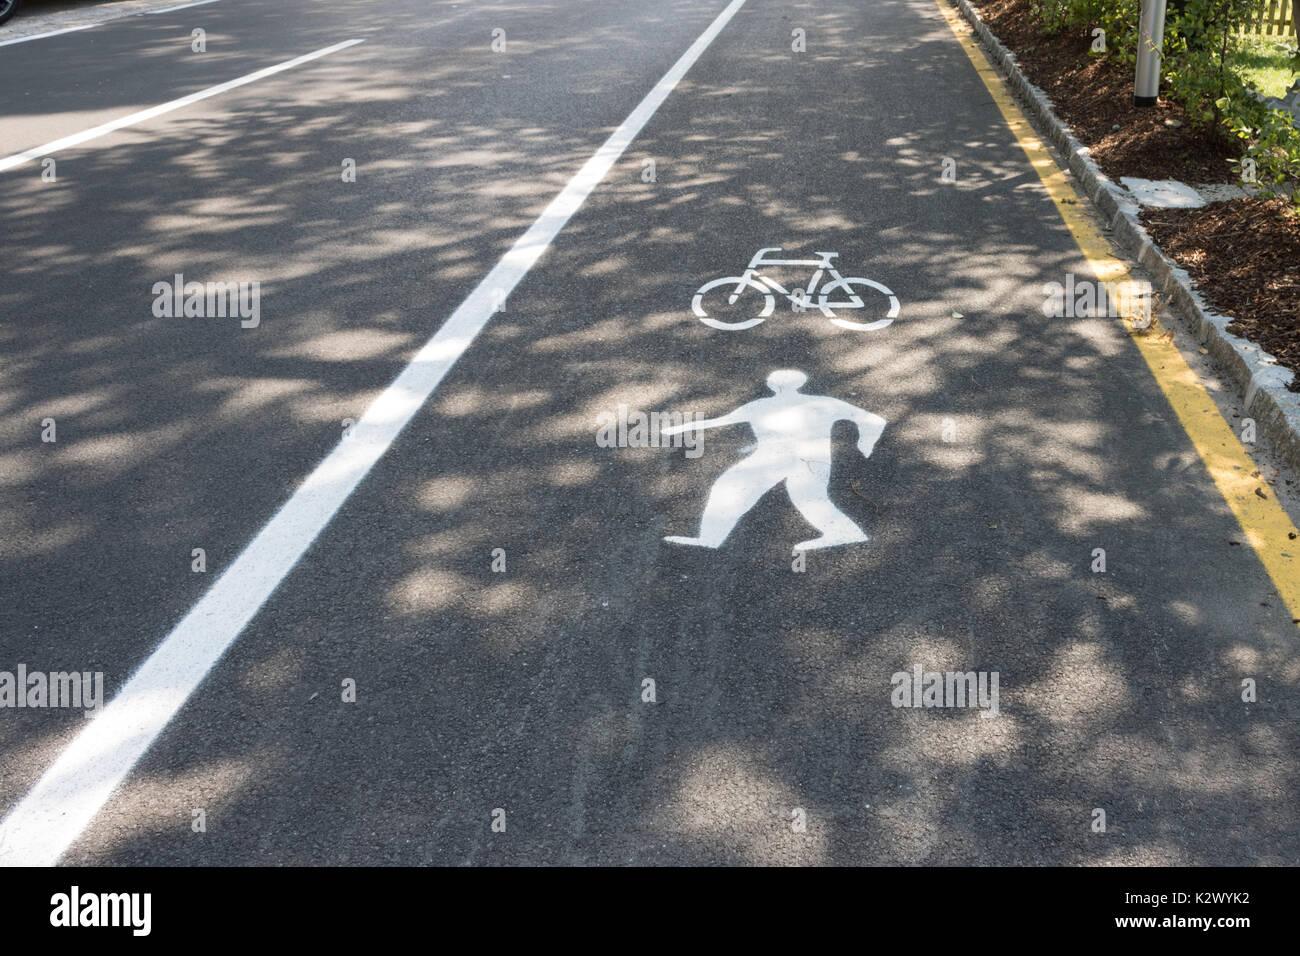 Radweg, gehweg,  Fahrrad, Symbol, Verkehrszeichen. Stock Photo